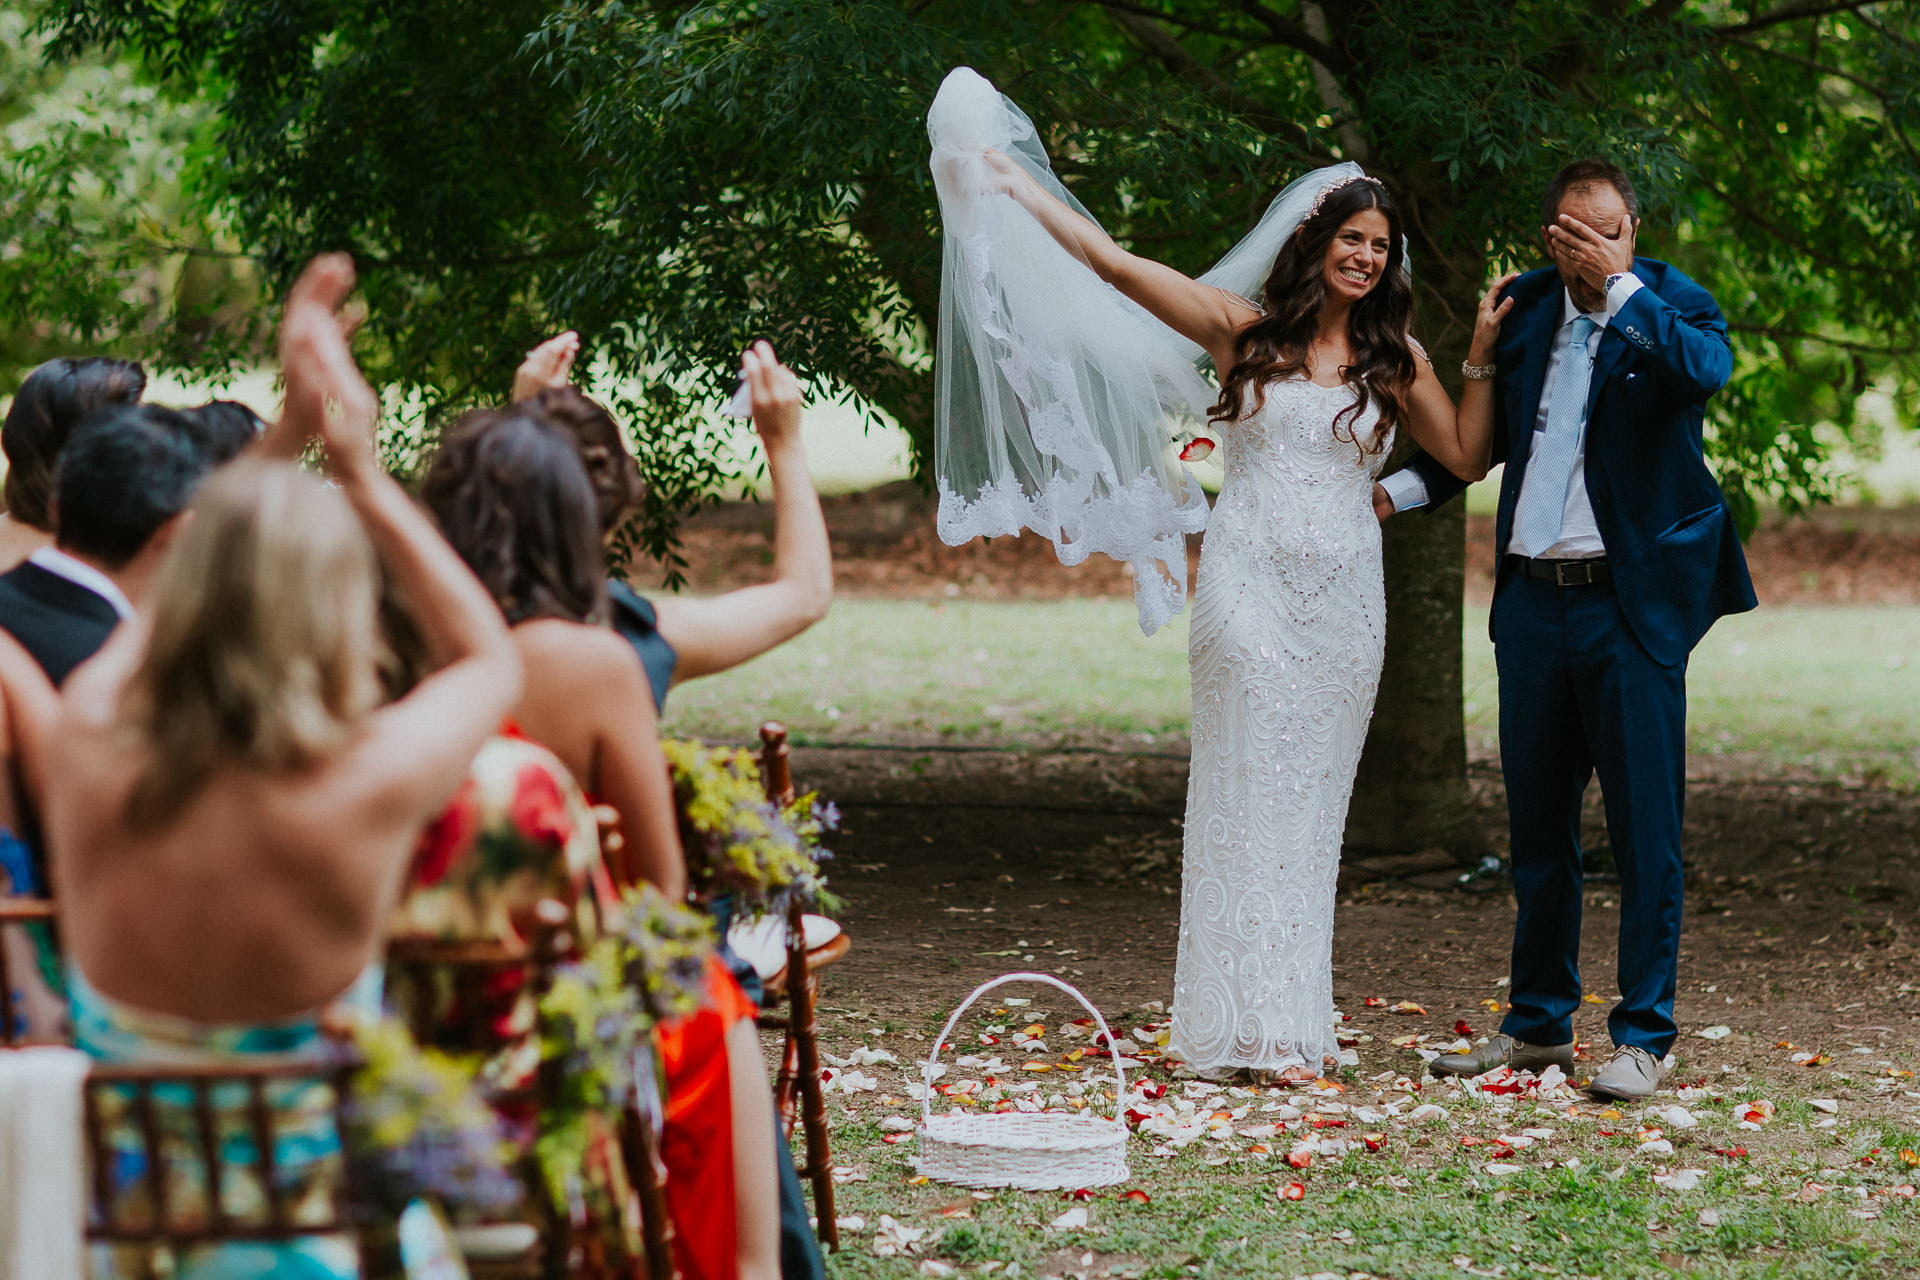 Boda en Campolobos, fotos espontáneas, fotógrafo de bodas, Norman Parunov